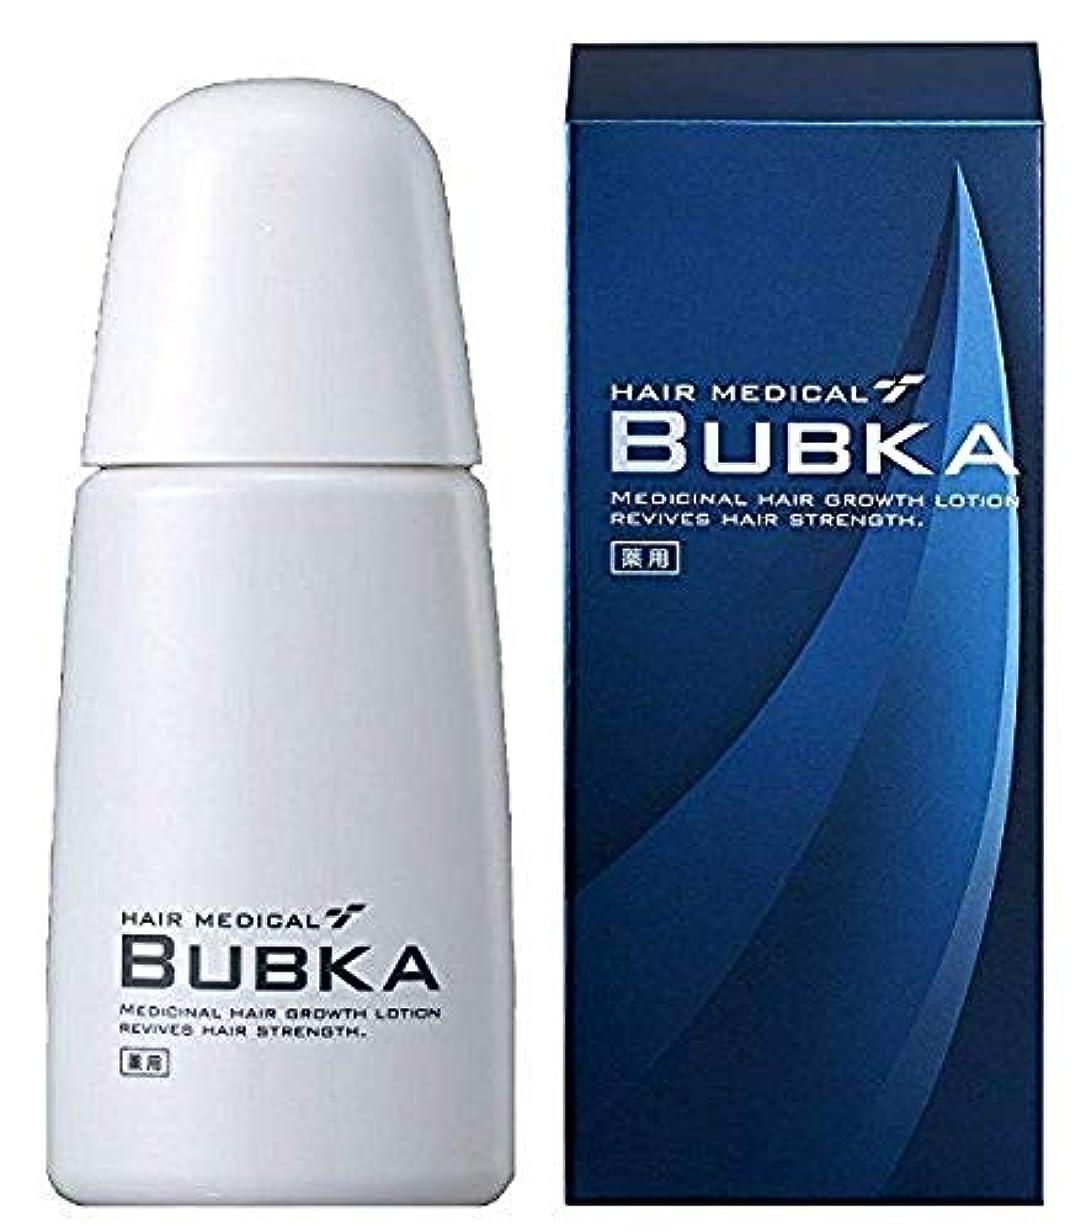 ハリウッド衝突するバンジョー【BUBKA ブブカ 】新型 濃密育毛剤 ブブカ-003M (内容量:120ml 約1ヶ月分)(医薬部外品)